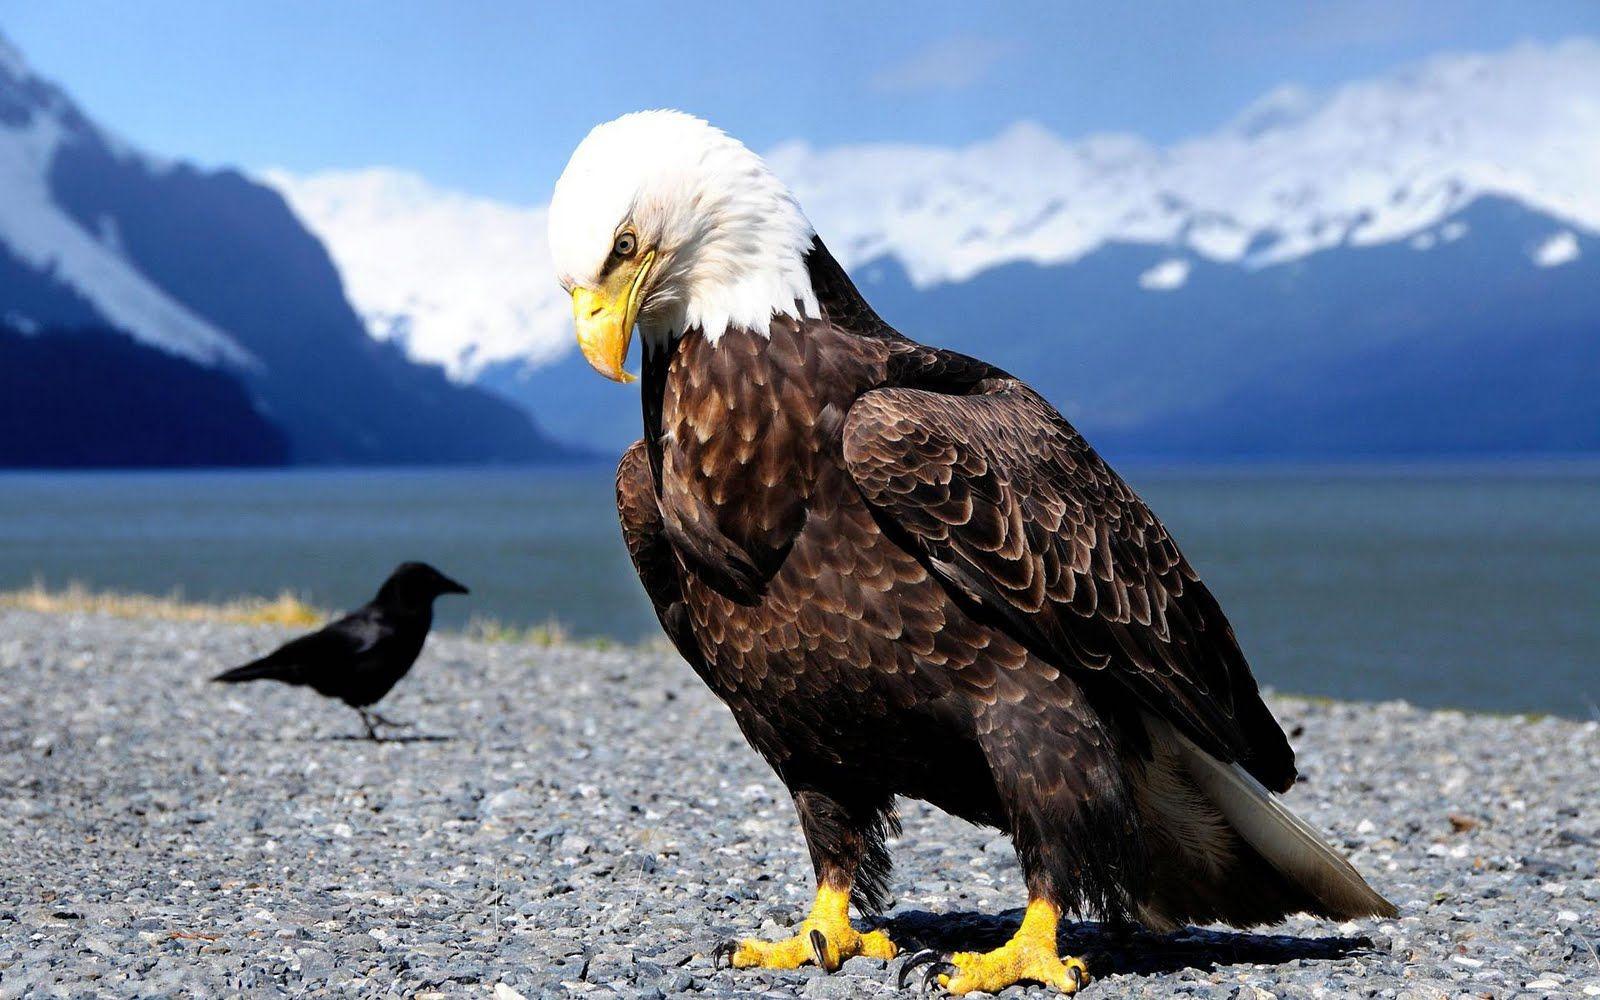 Fantastic Wallpaper Horse Eagle - b42559196ab501d60d0ec85e54816f9f  You Should Have_312474.jpg